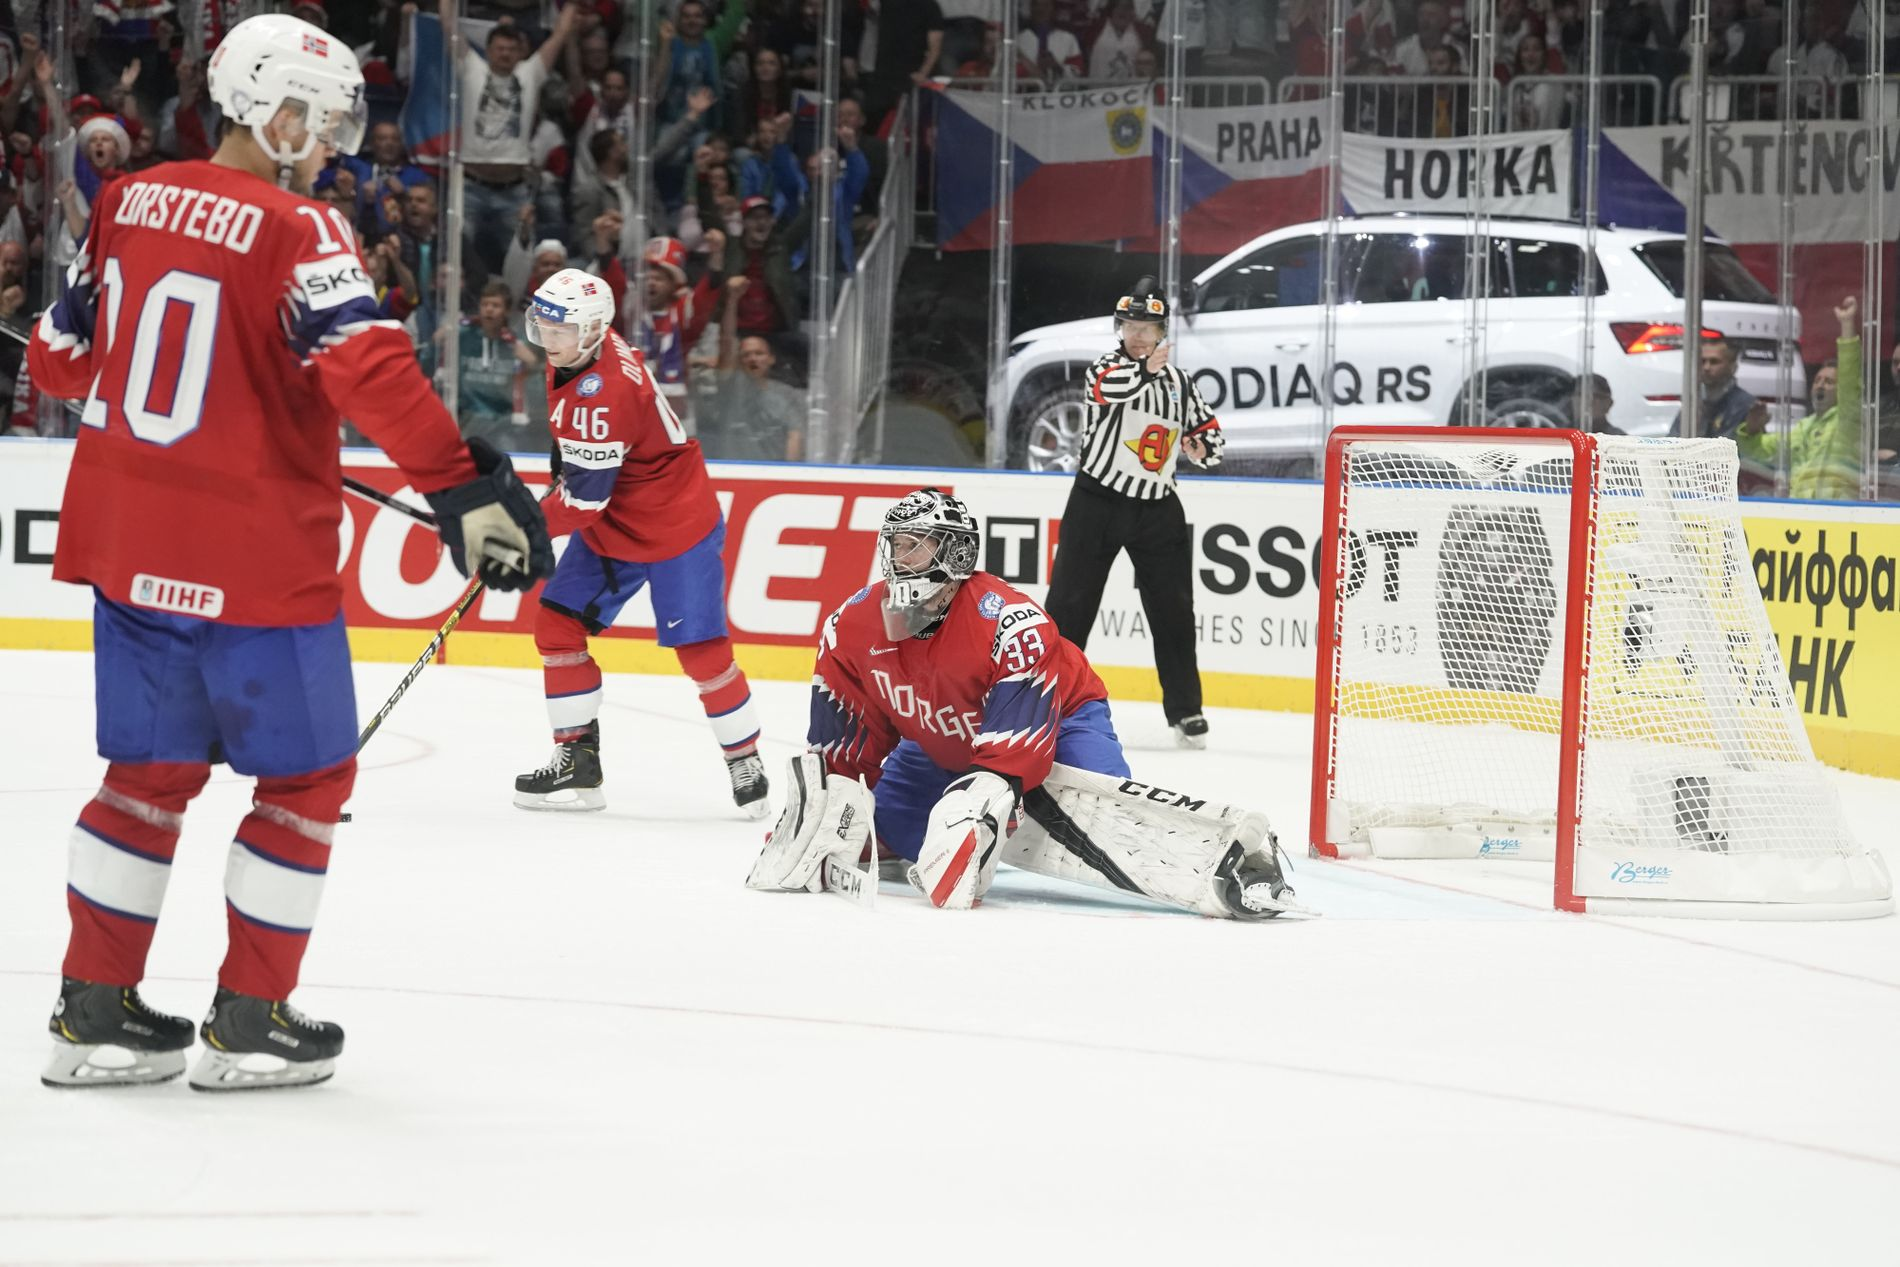 Målvakt Henrik Haukeland og resten av de norske spillerne fikk en tung kveld.